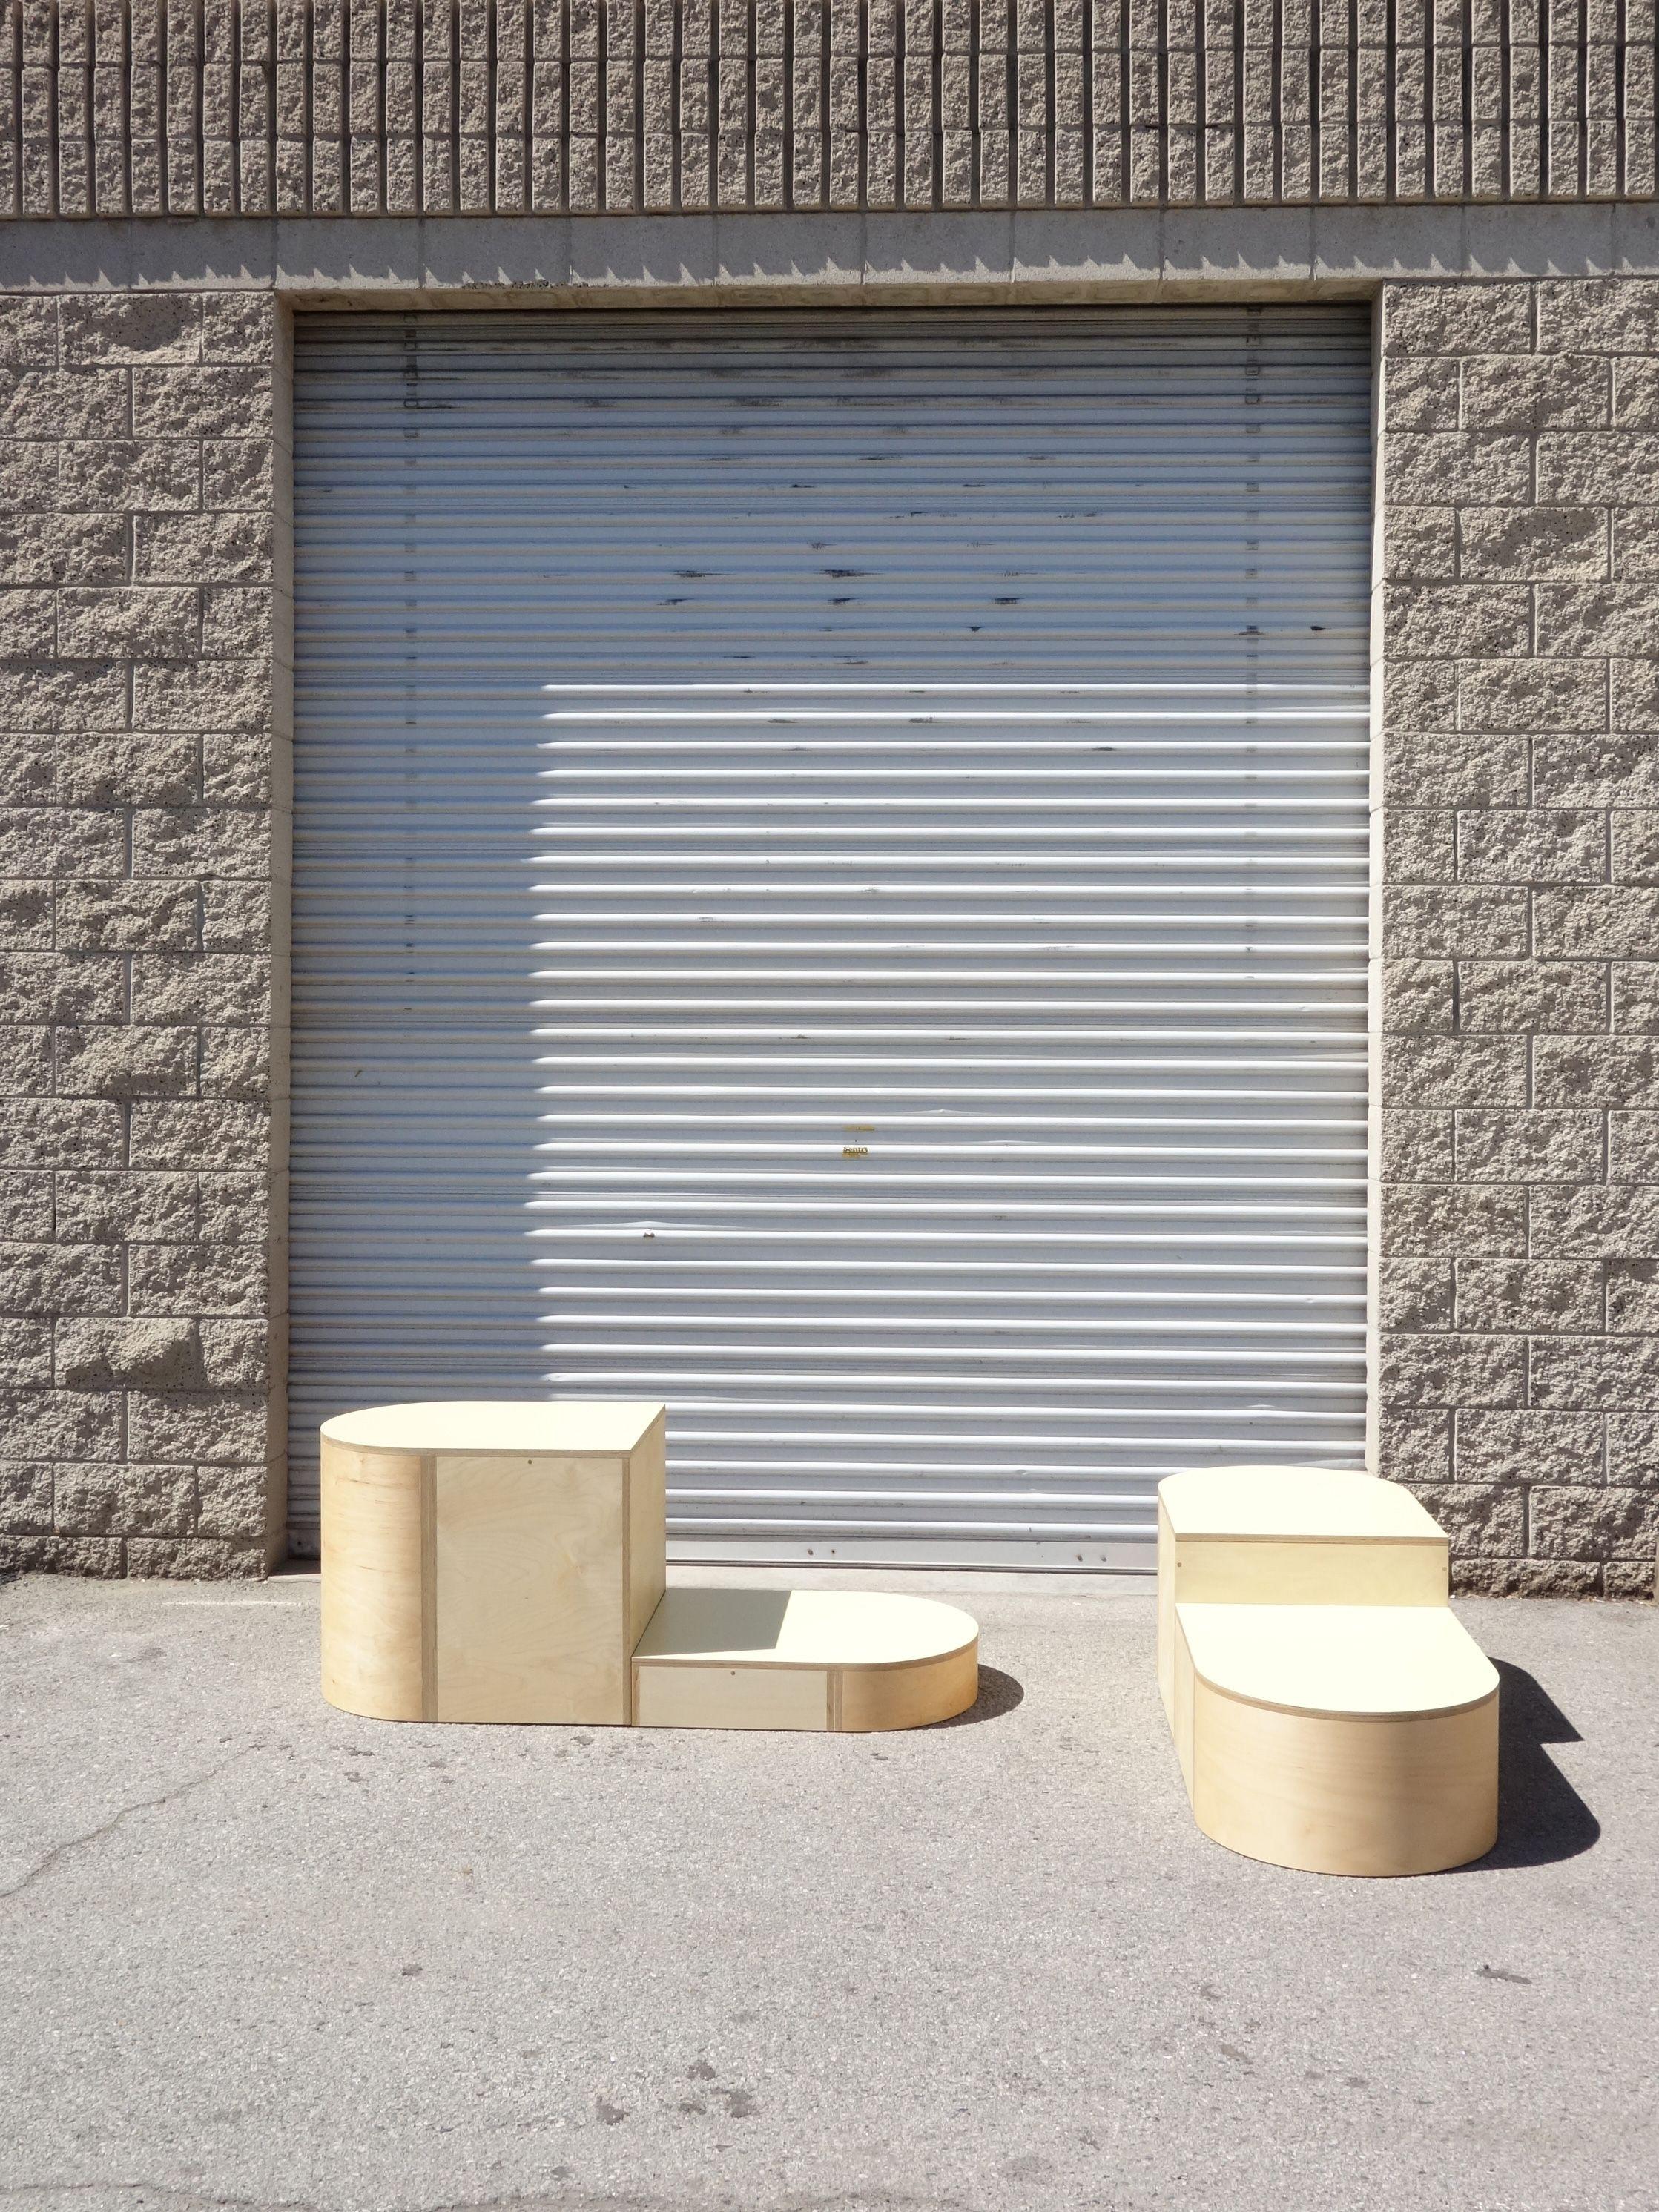 Rebag Madison, NY product image 10